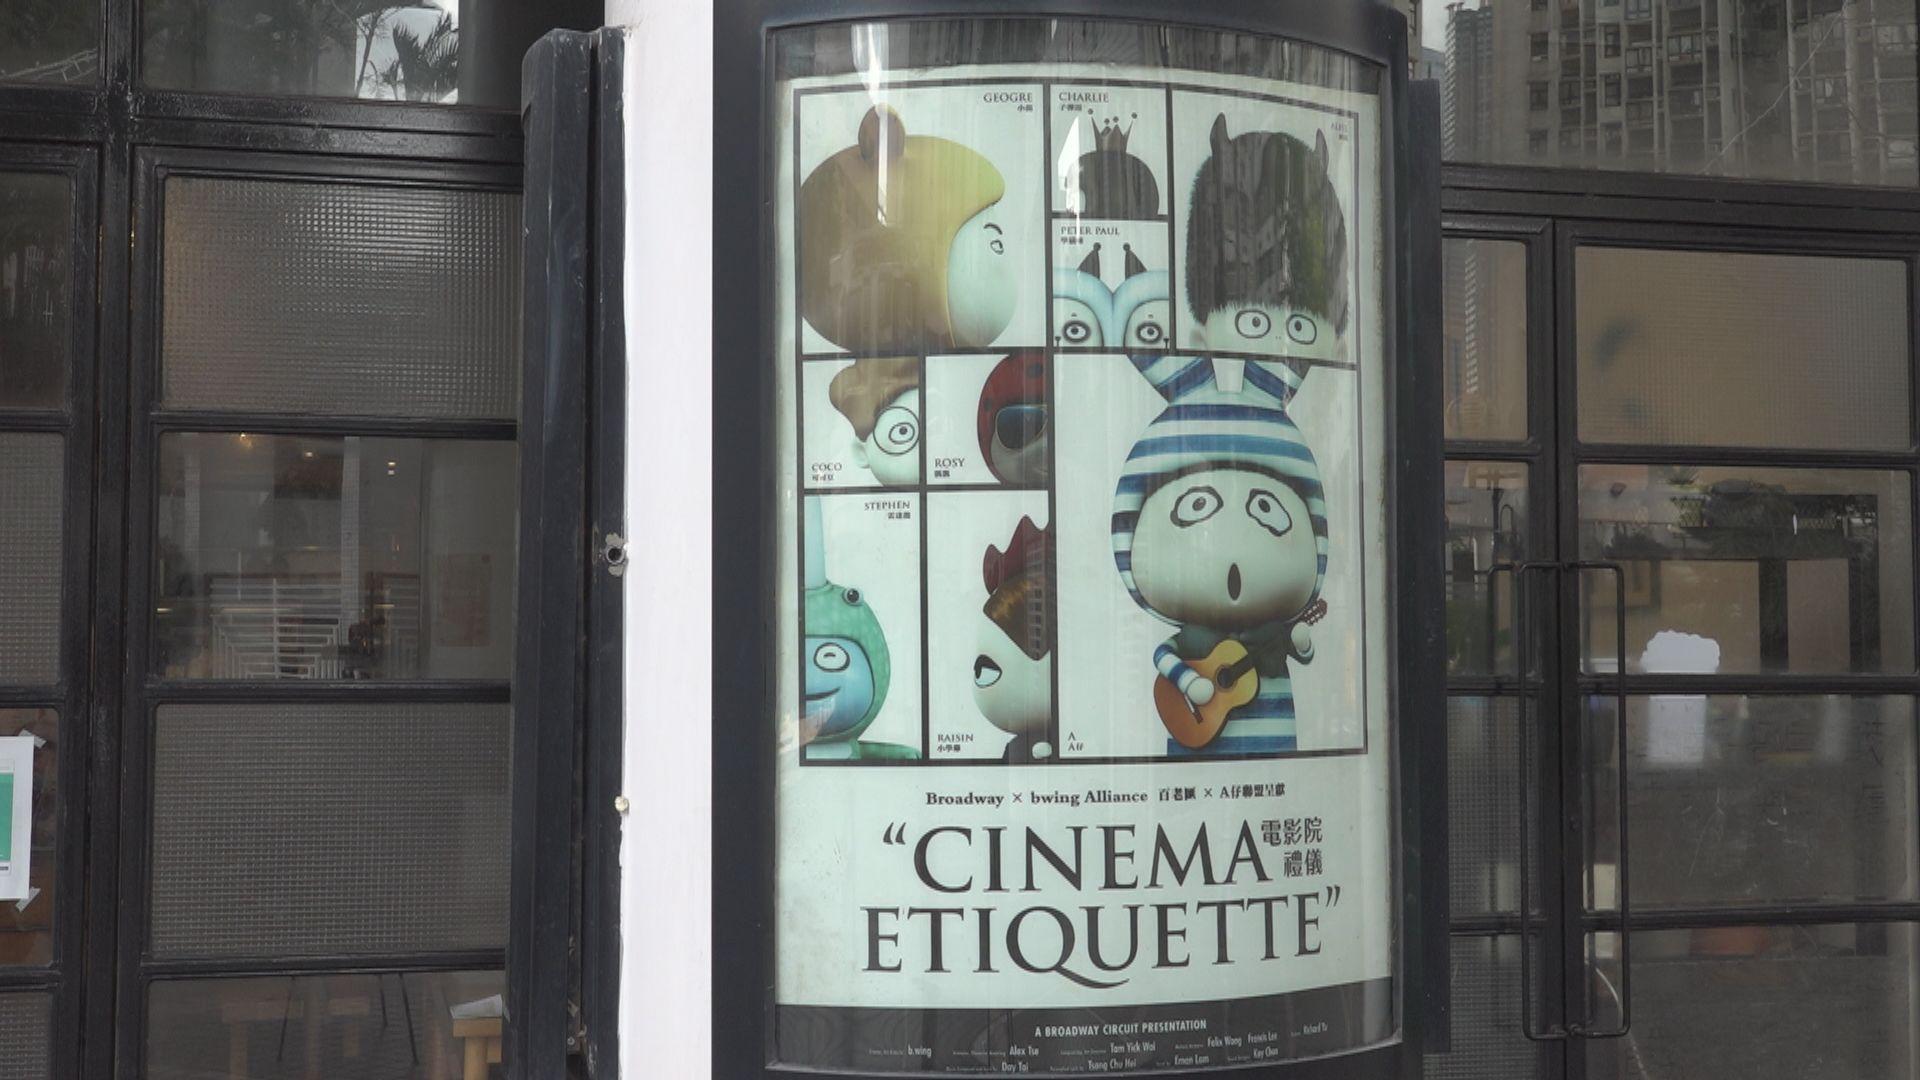 電影院、表演場所、博物館等人數上限放寬至85%